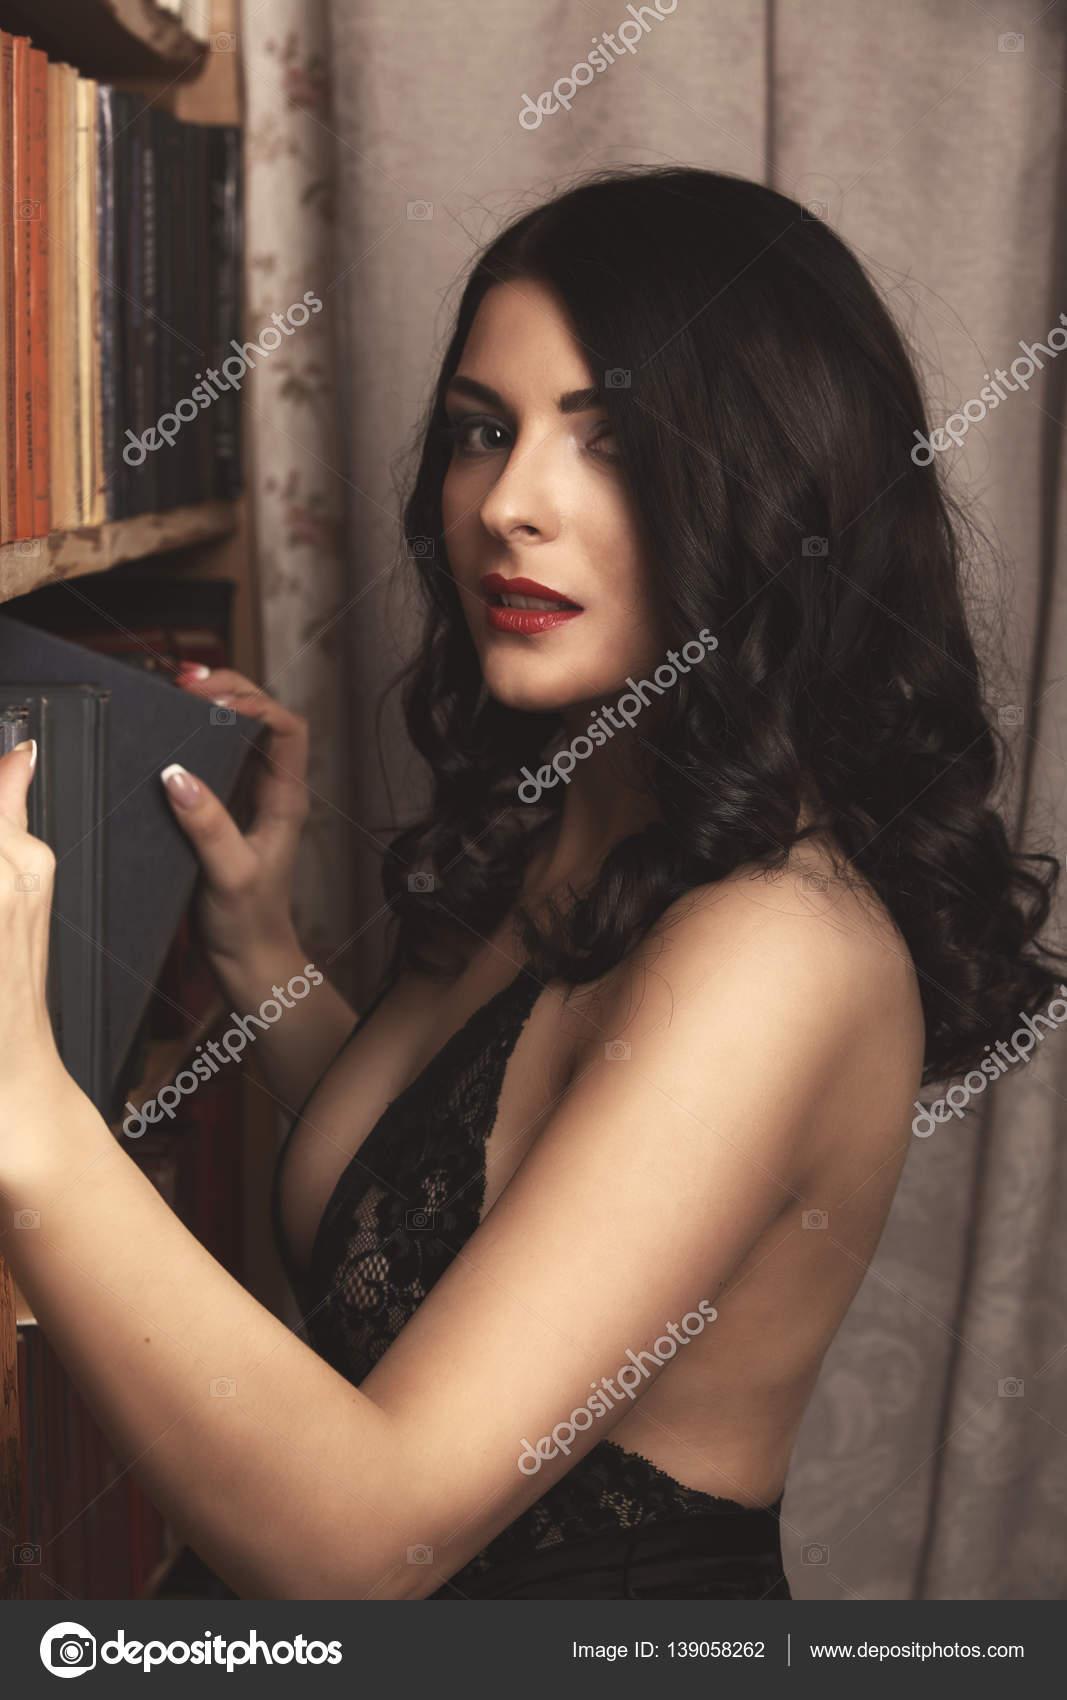 79e340fbeda99 Linda senhora sexy de calcinha preta elegante e meias. Retrato da moda de  modelo dentro